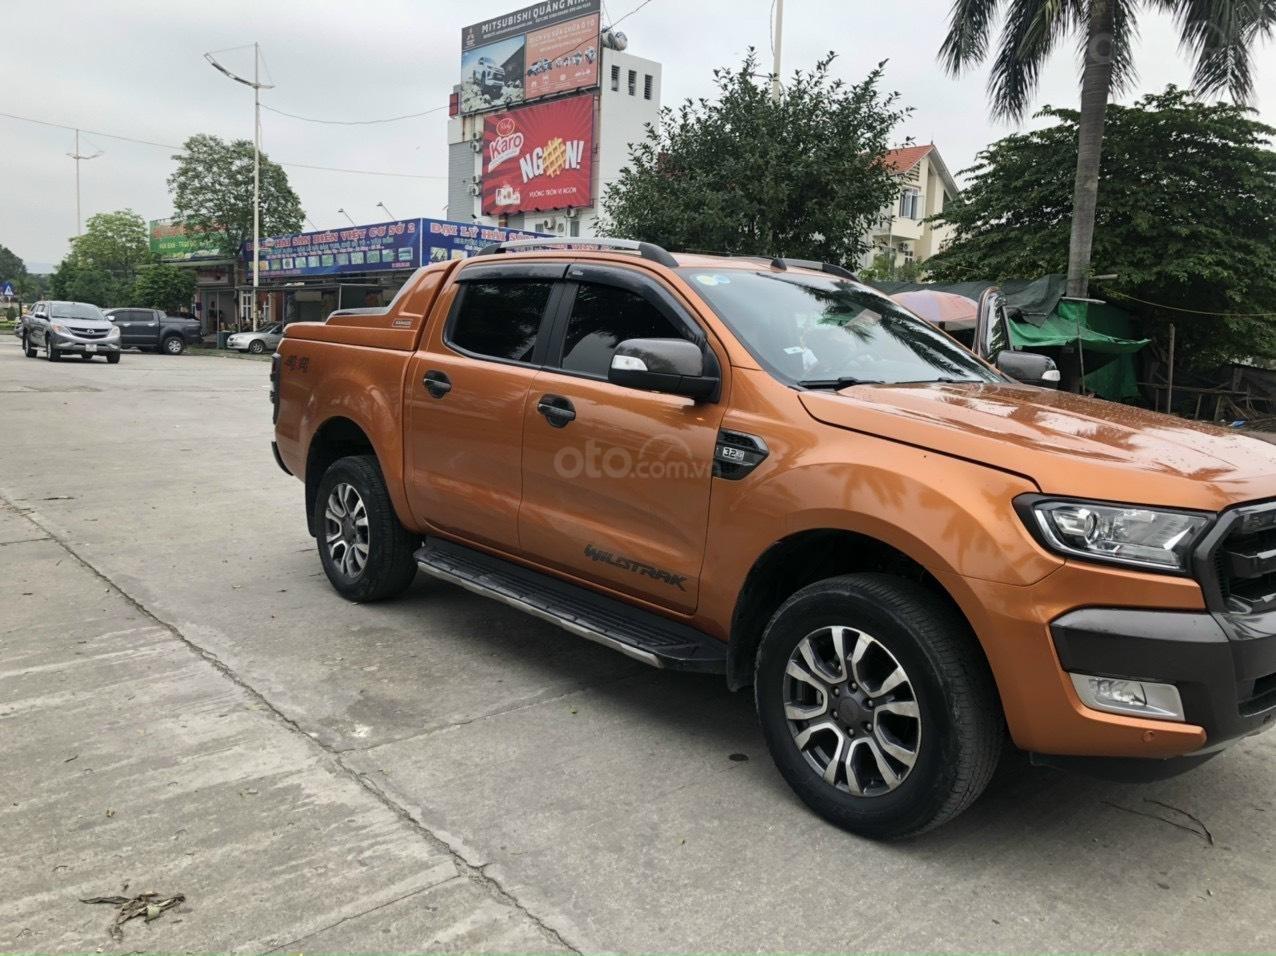 Cần bán gấp Ford Ranger Wildtrak, năm sản xuất 2016 (2)